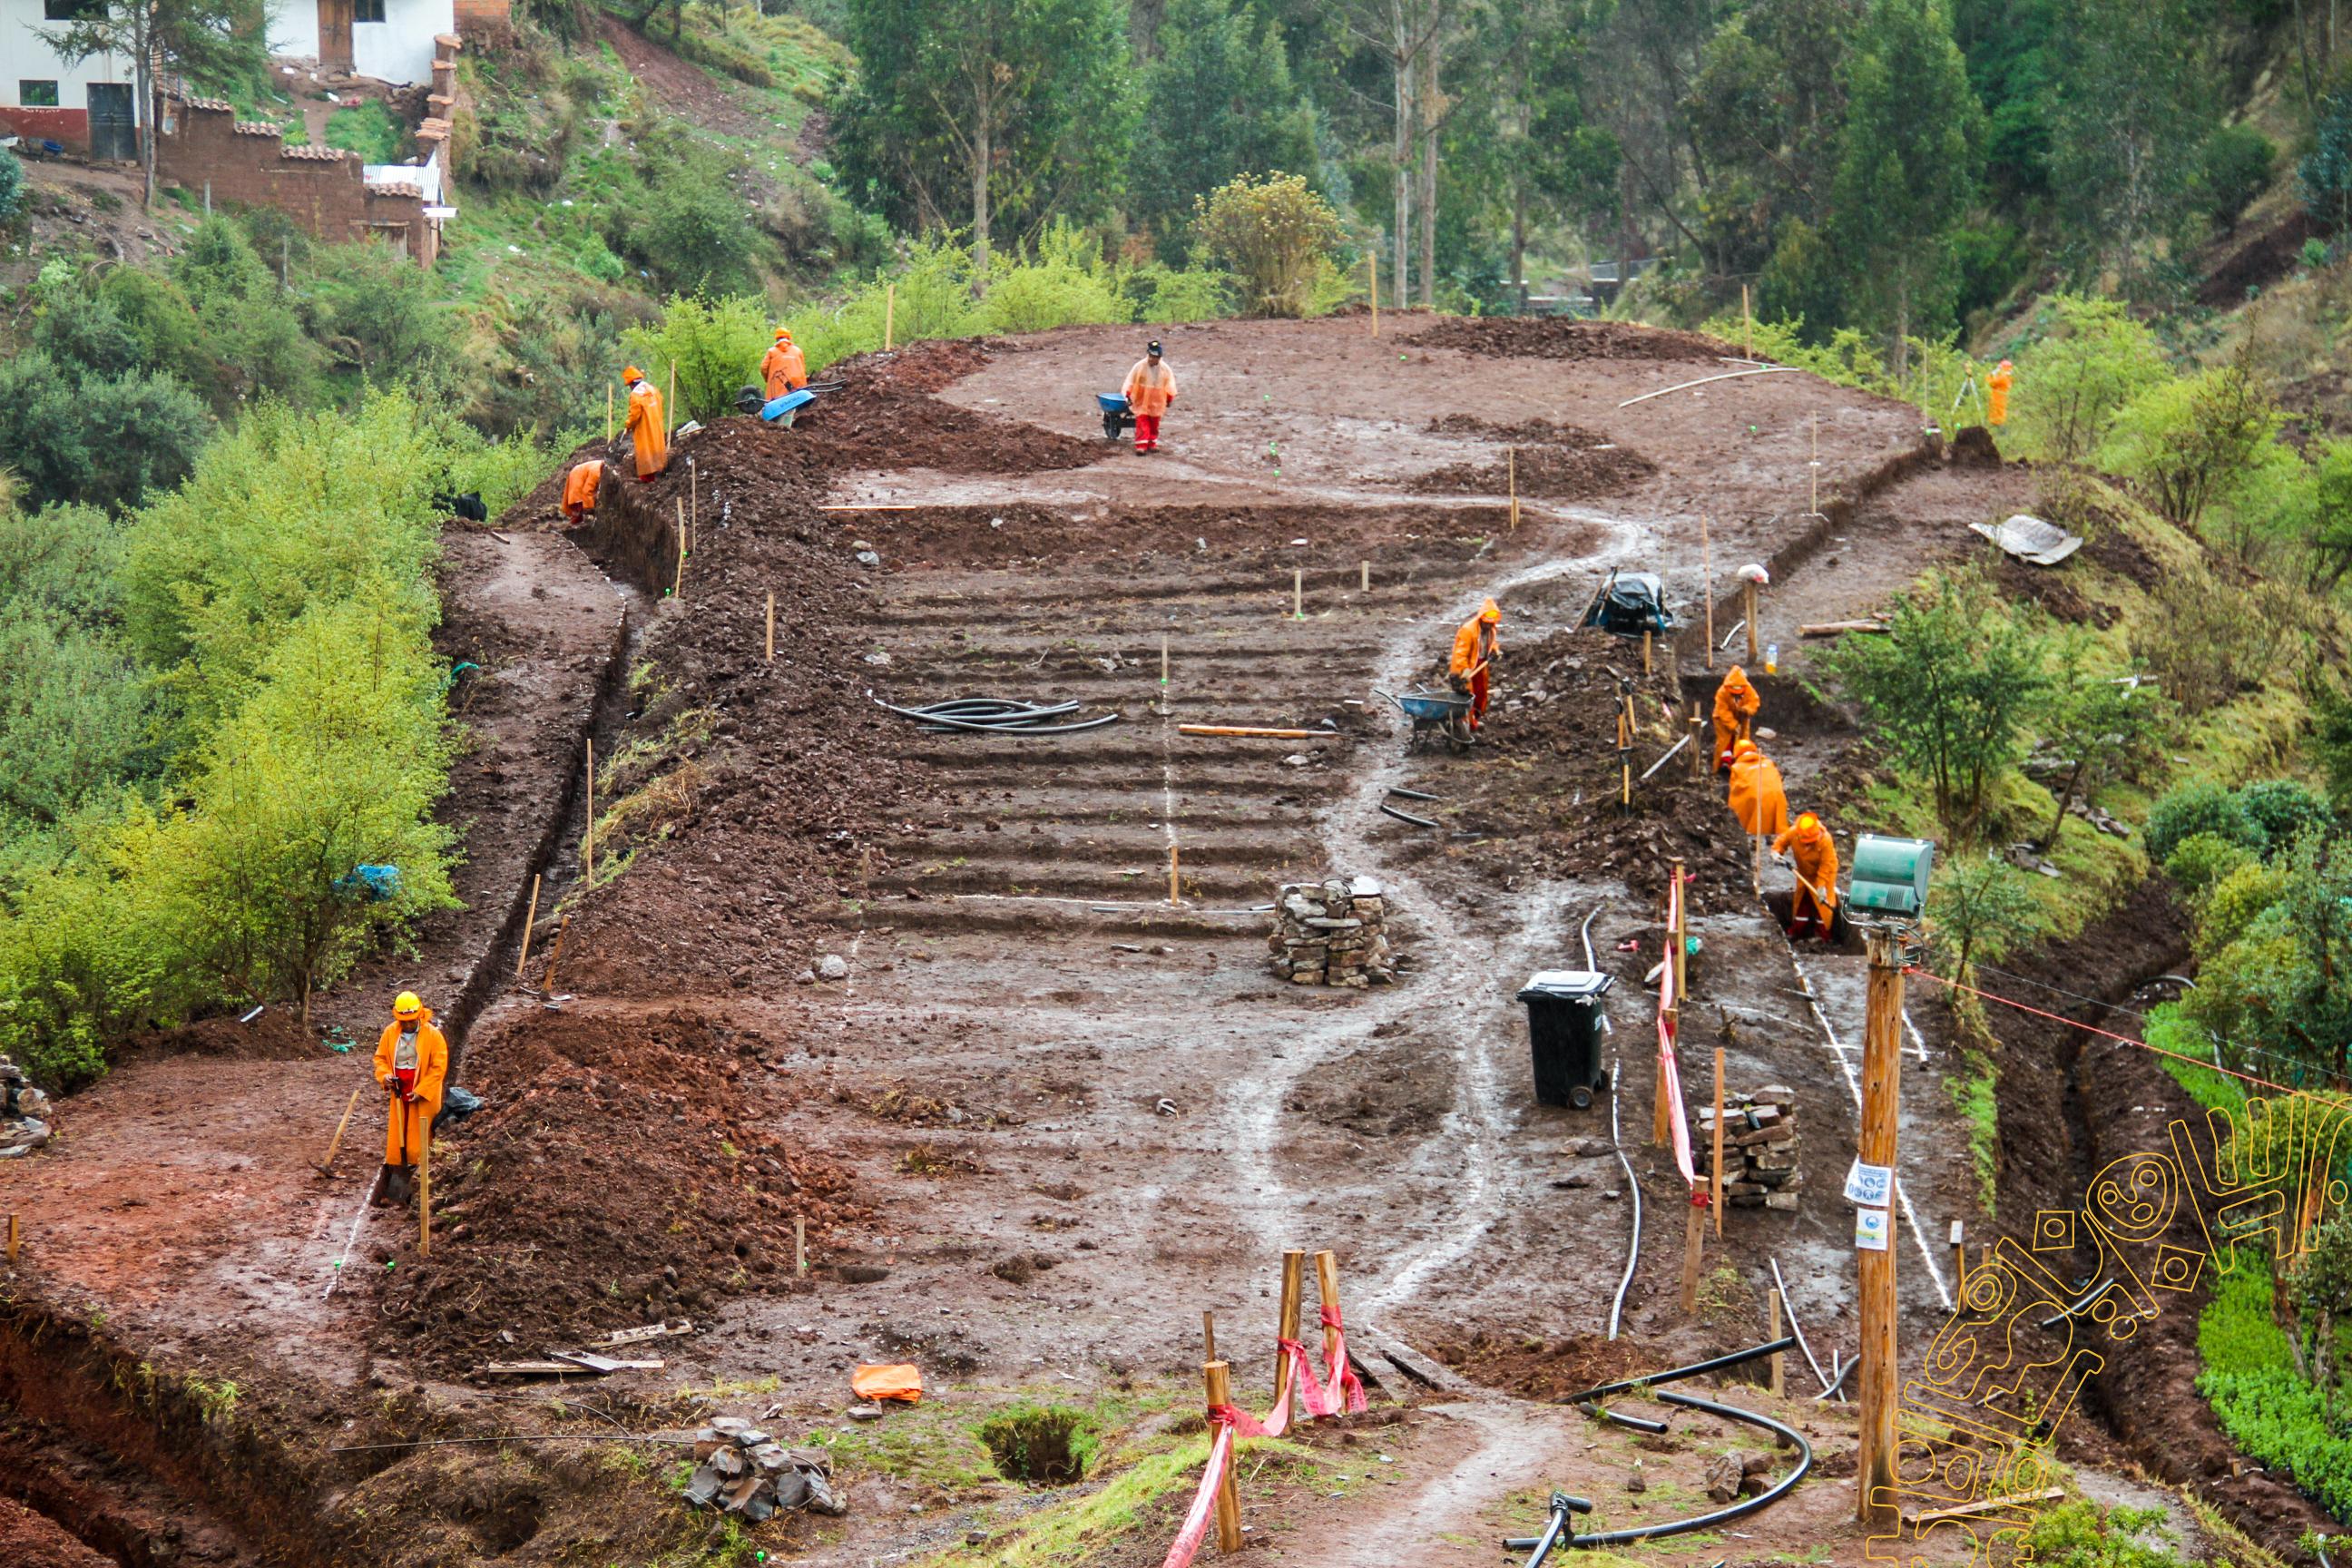 SE INICIA  LA CONSTRUCCIÓN DE UN PARQUE  ECOLÓGICO EN LA APV  CAMINO REAL  EN LA ZONA NOROCCIDENTAL.